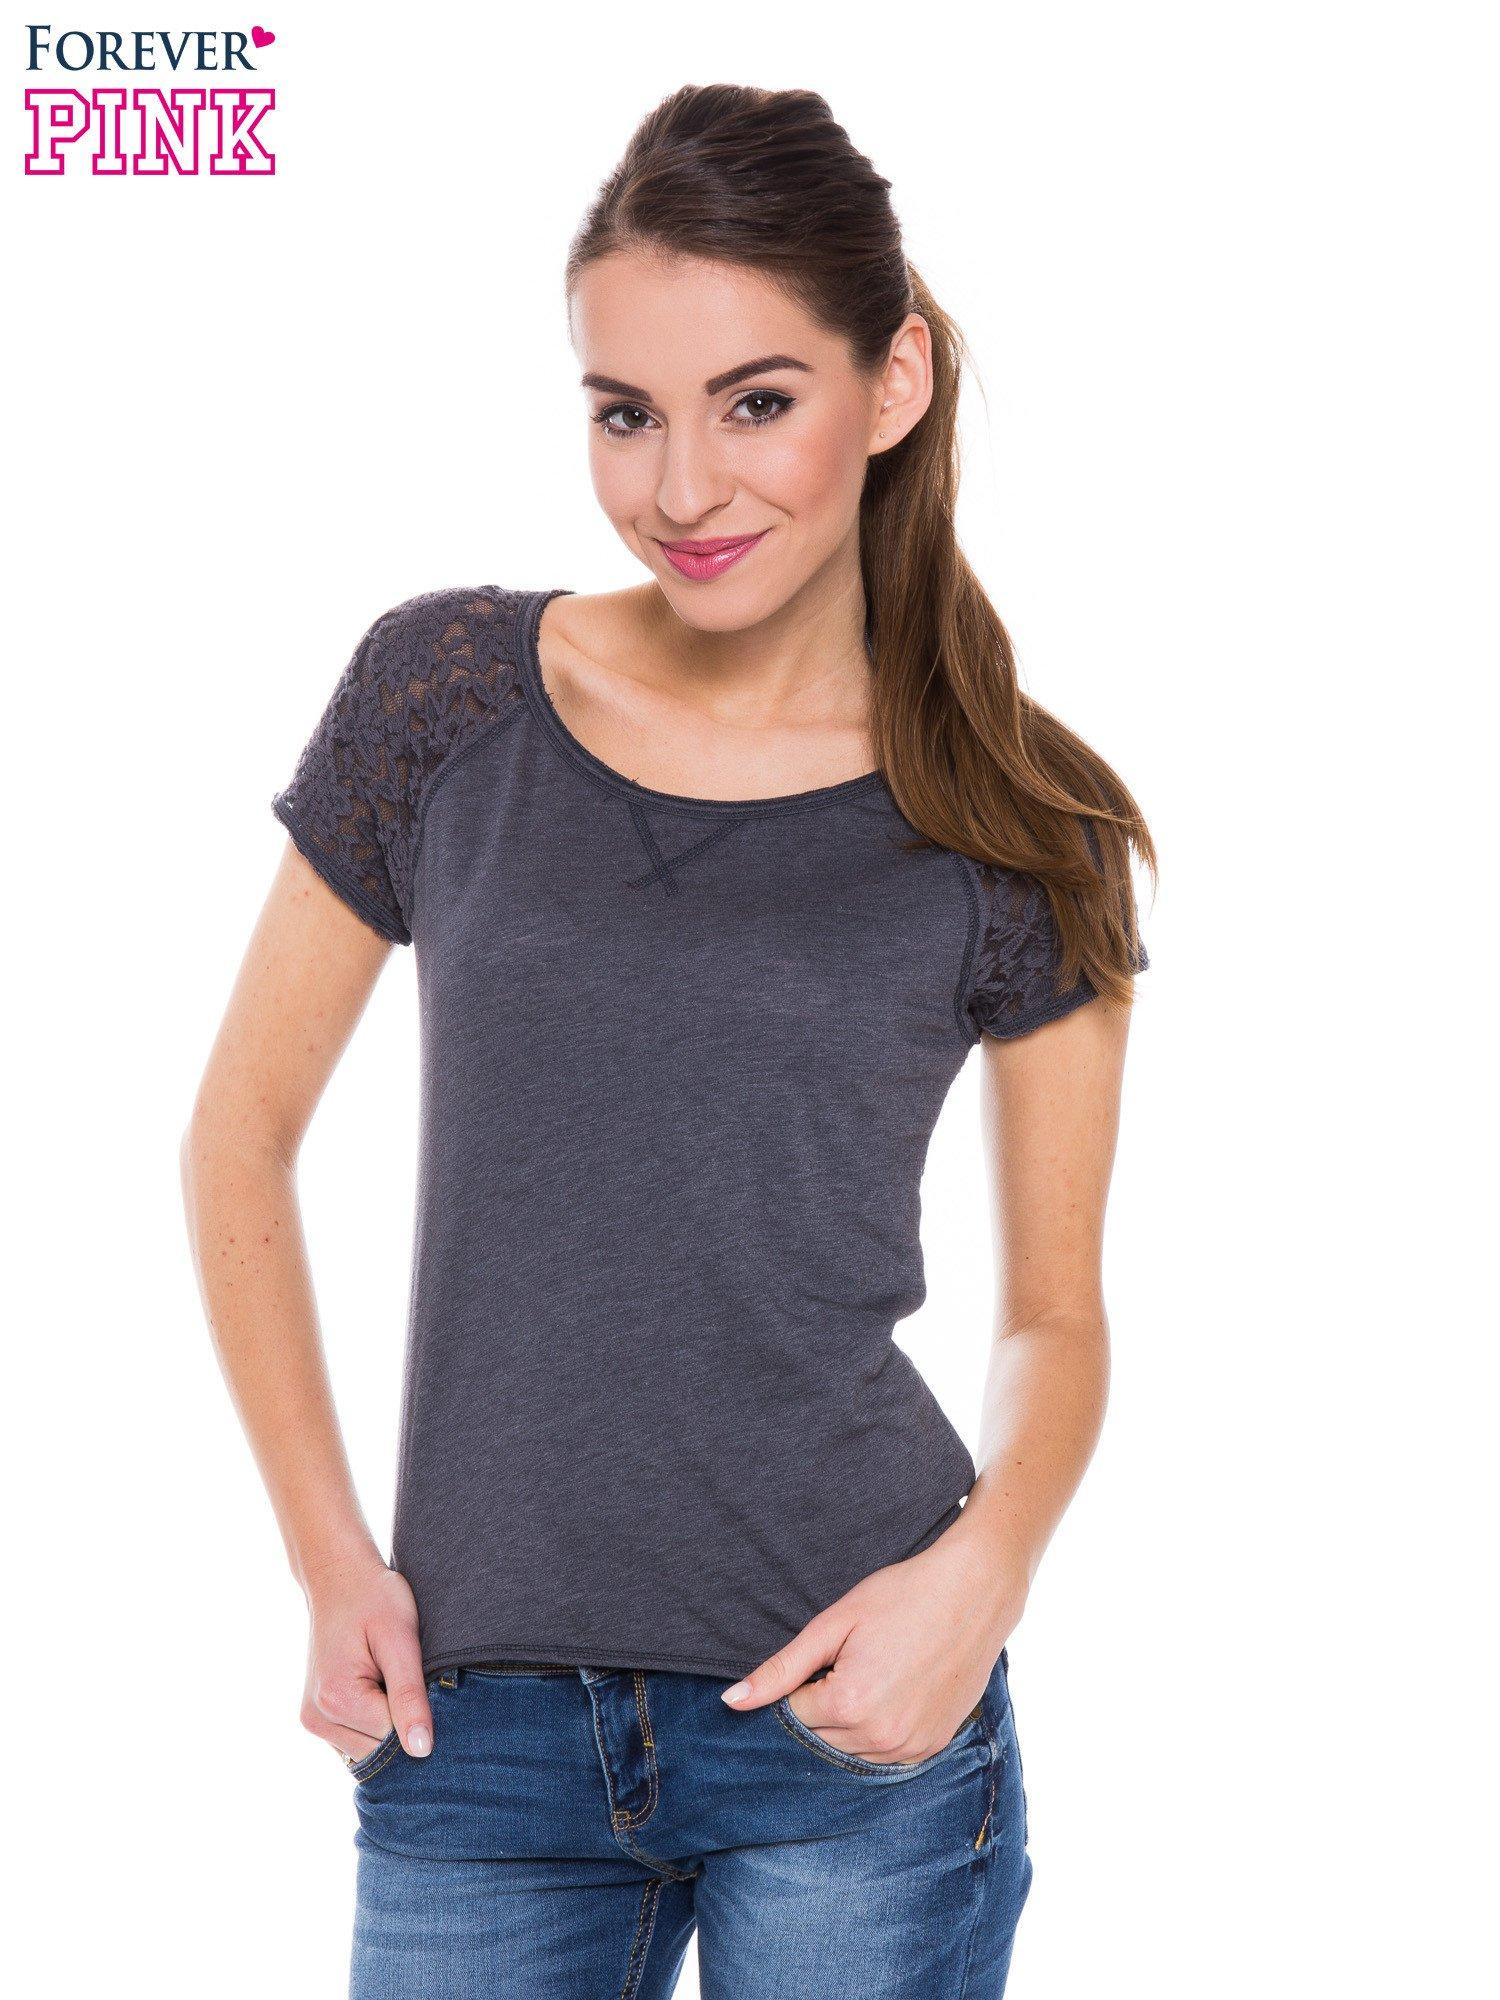 Szary t-shirt z koronkowymi plecami i rękawkami                                  zdj.                                  1